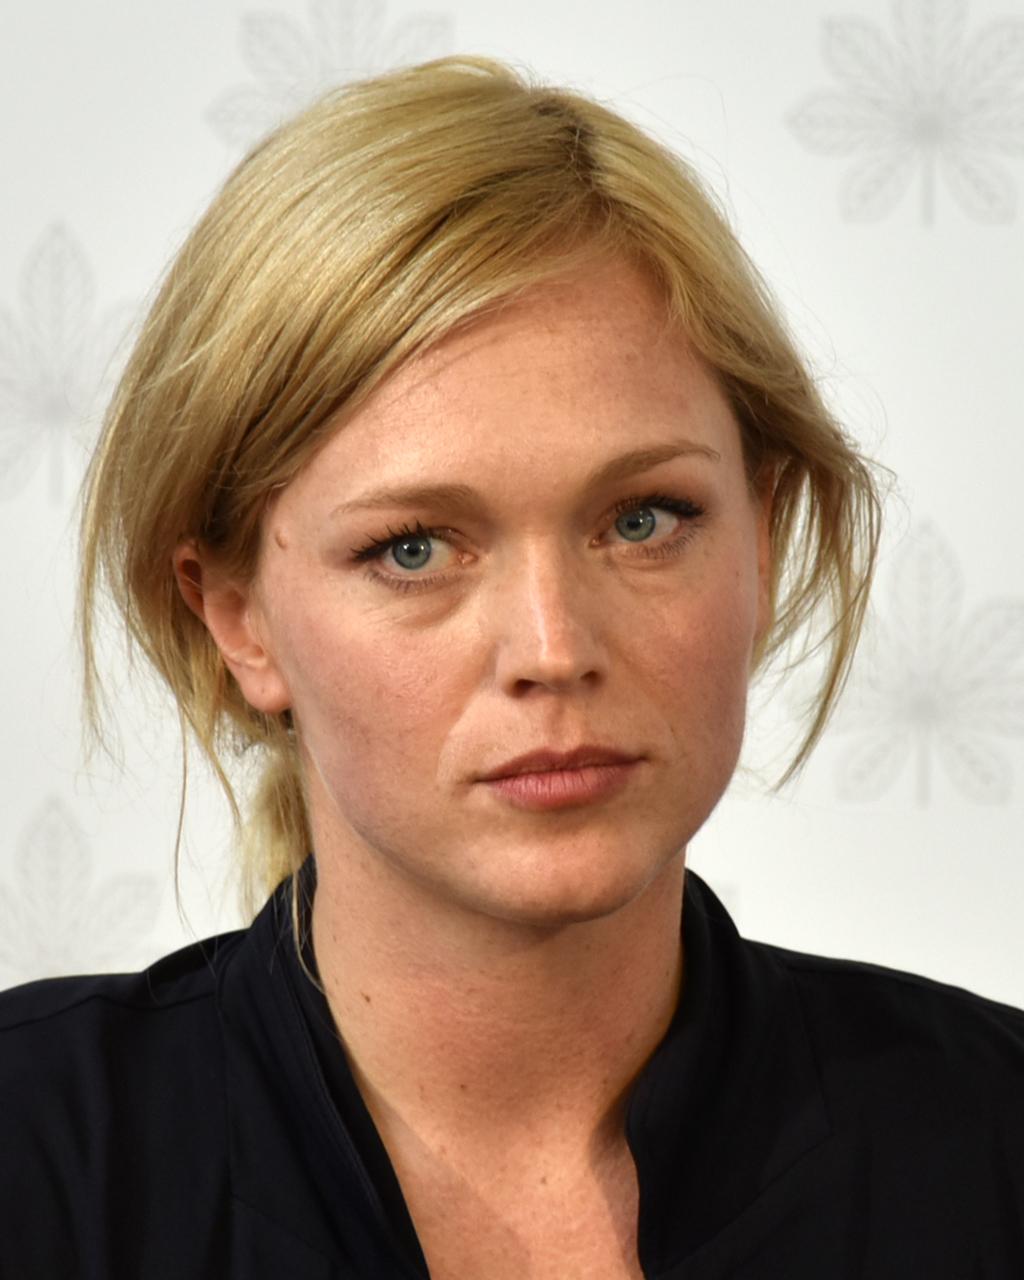 Ester Geislerová in 2019